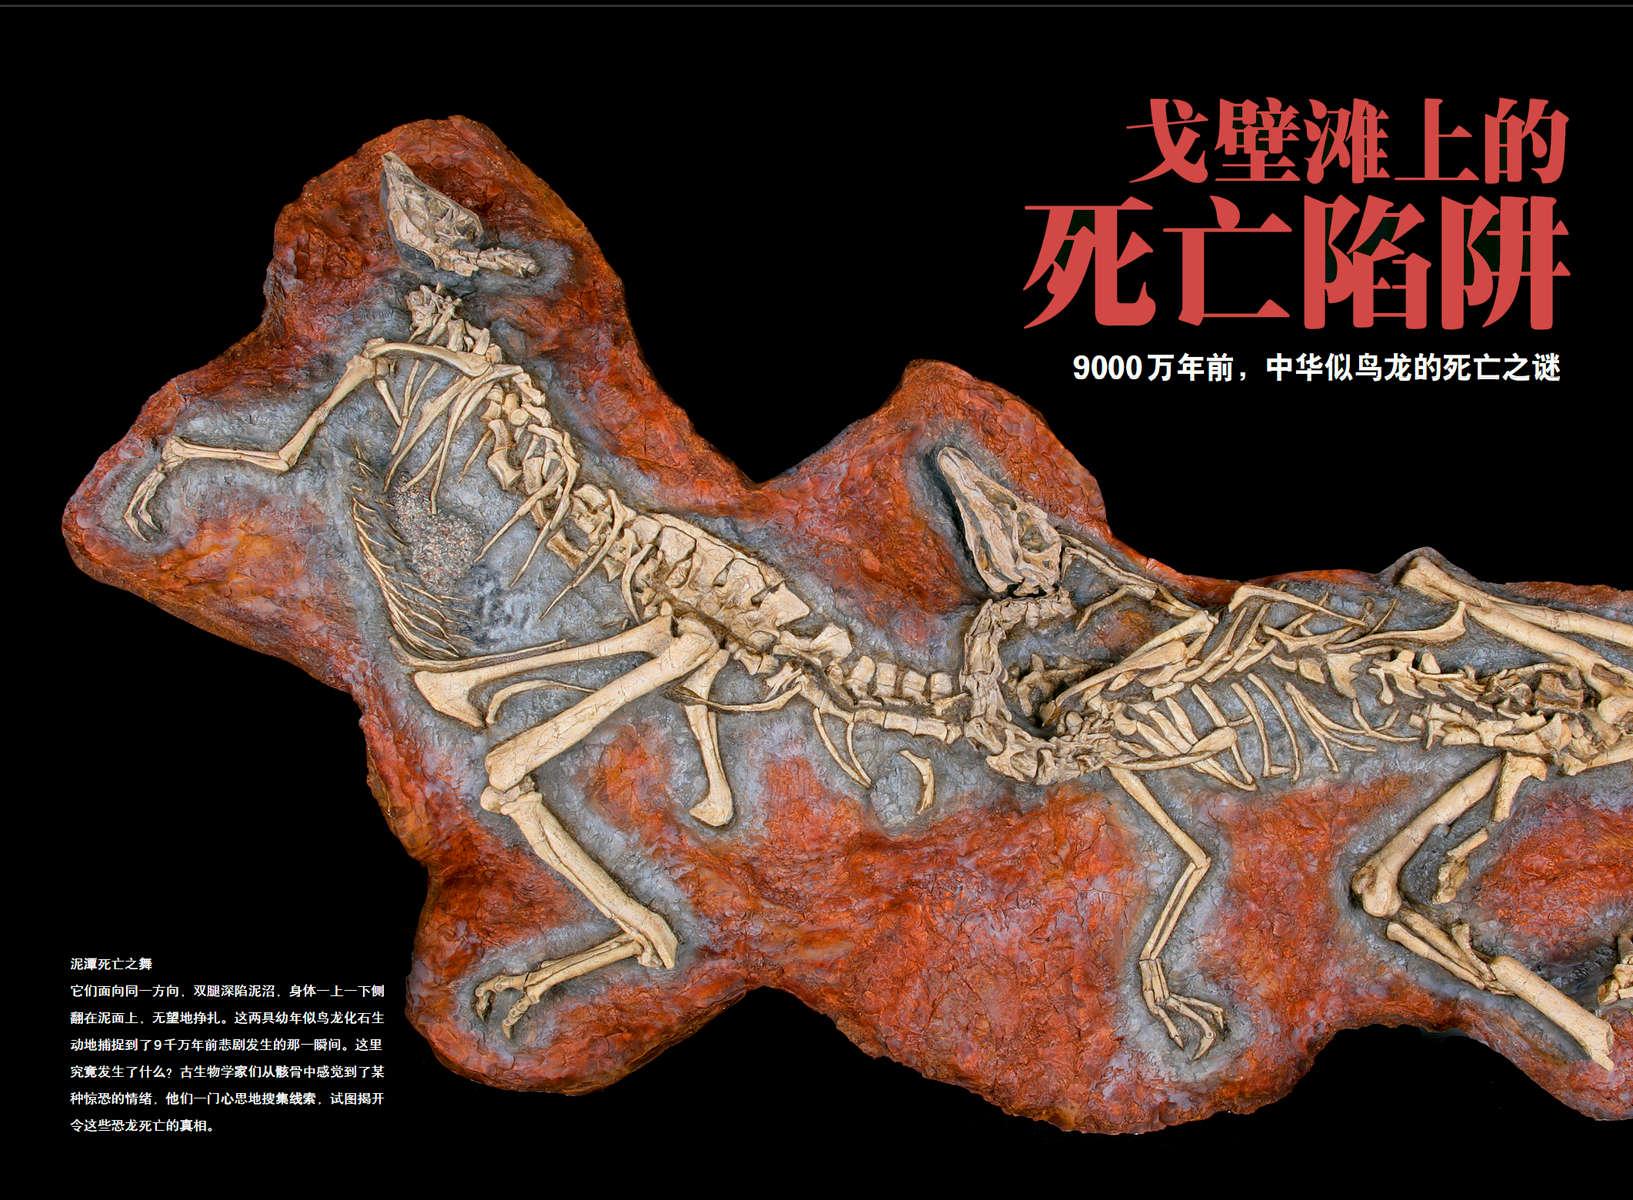 Ornithomimid Dinosaur Story from Gobi Desert